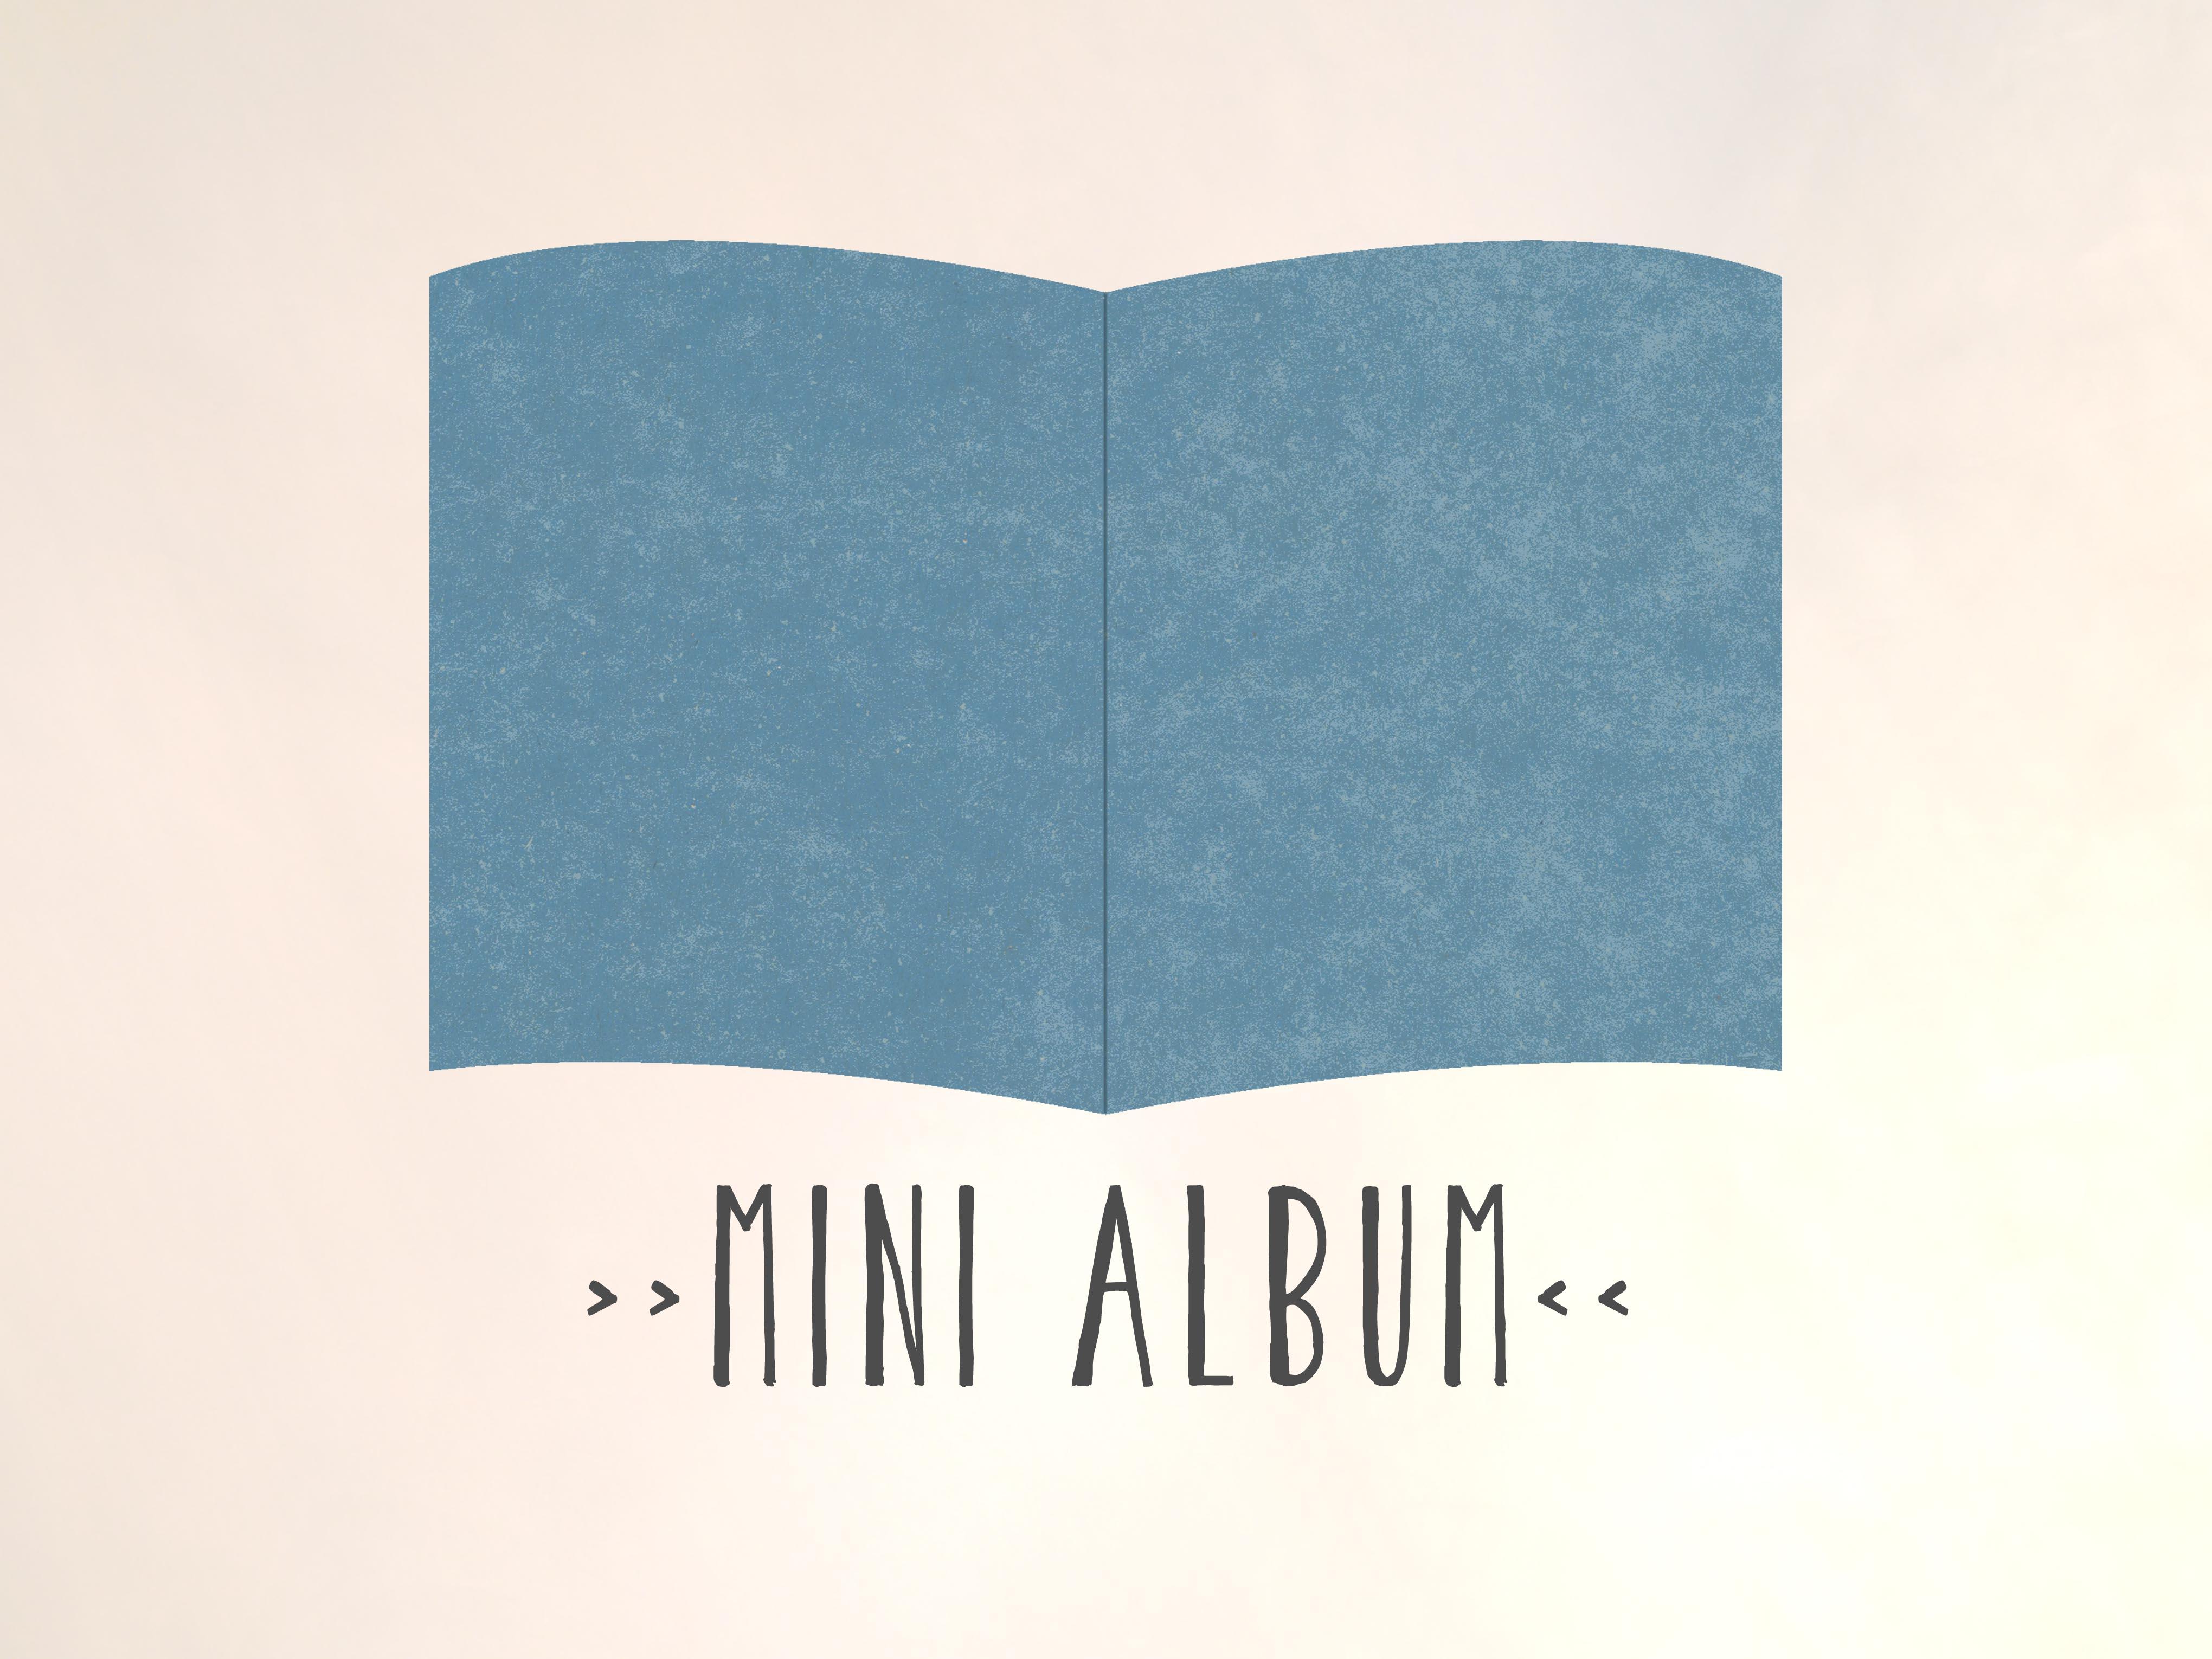 【mini album】